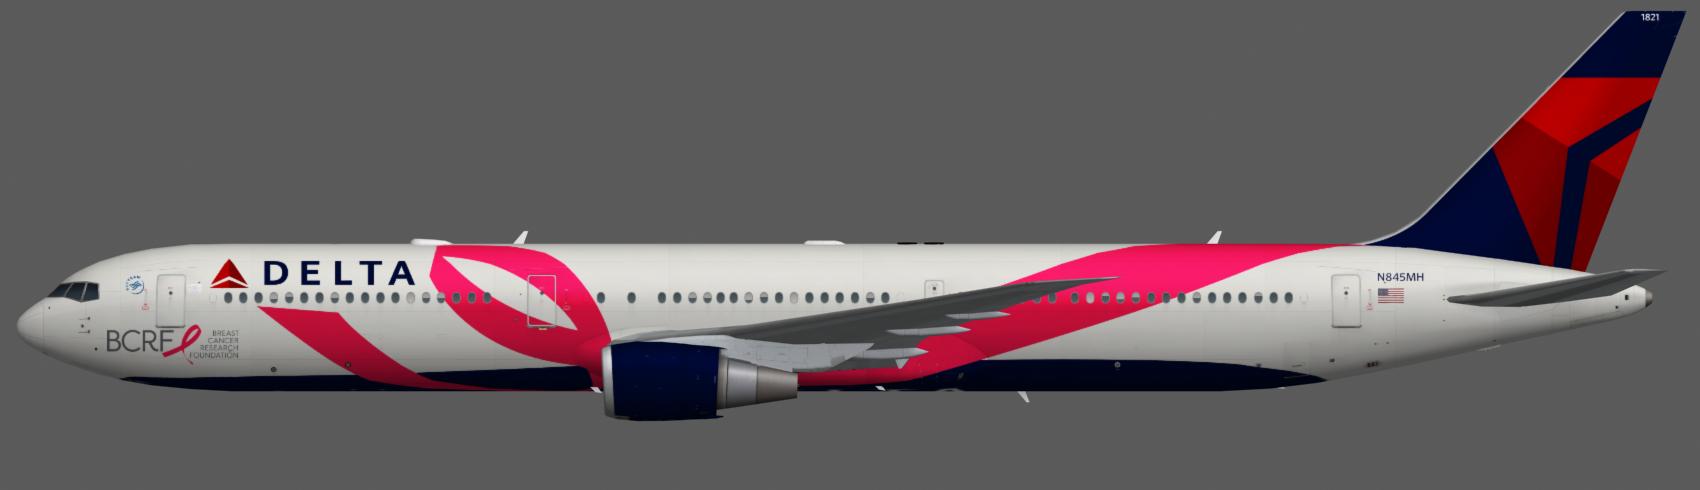 Delta Air Lines 767-400 | FAIB - FSX AI Bureau